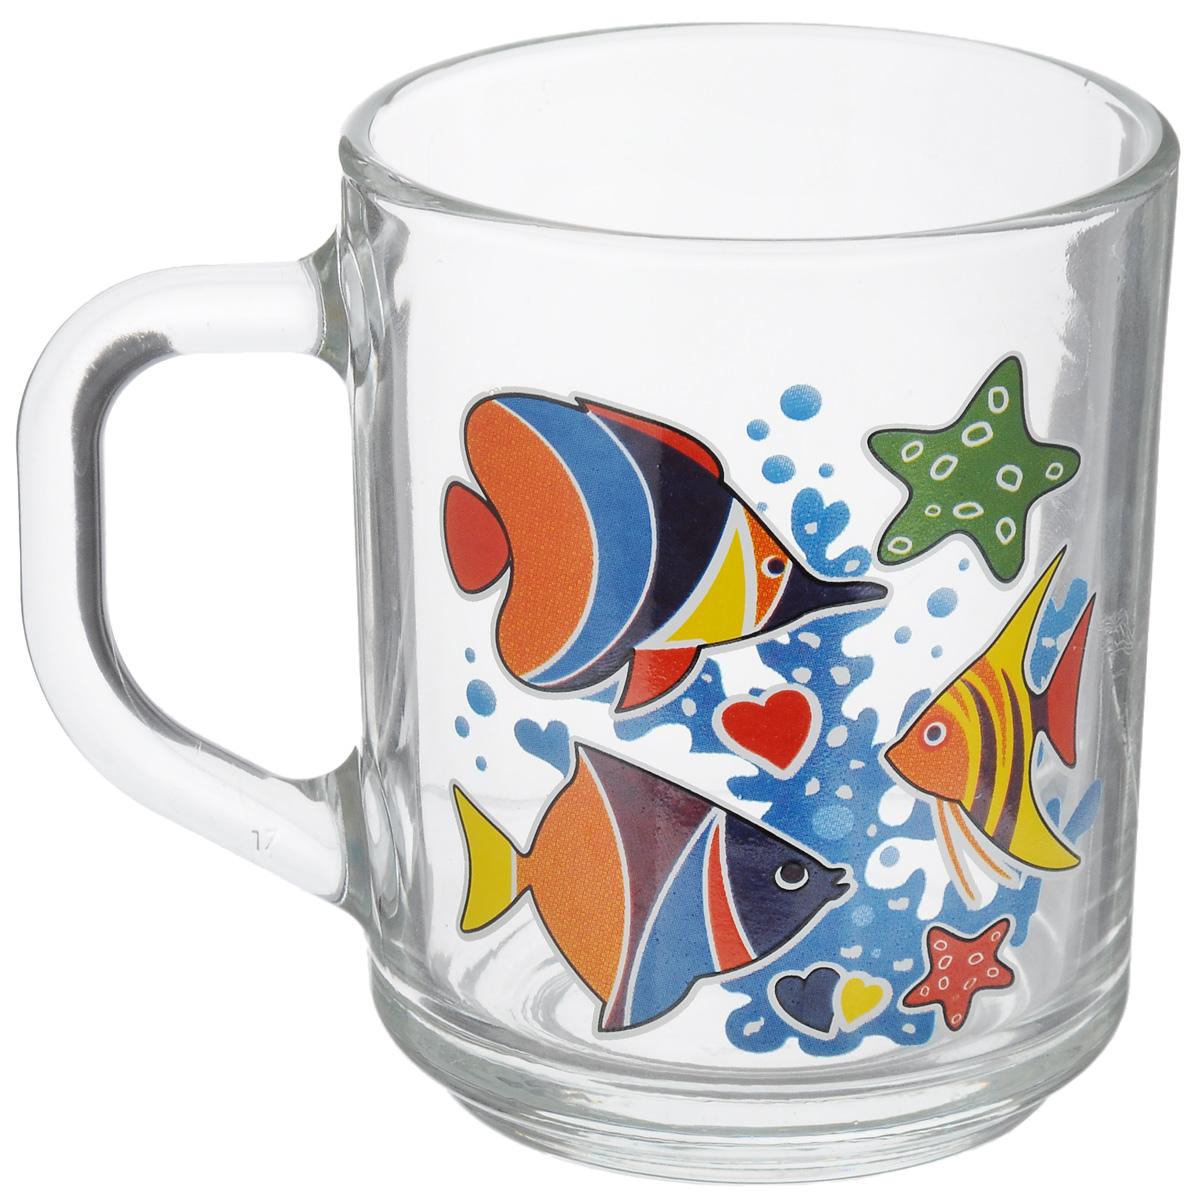 Кружка OSZ Green Tea. Яркие рыбки, 200 мл07с1335_прозрачный, синий, оранжевыйКружка OSZ Green Tea. Яркие рыбки изготовлена из бесцветного стекла и украшена ярким рисунком. Идеально подходит для сервировки стола. Кружка не только украсит ваш кухонный стол, но и подчеркнет прекрасный вкус хозяйки. Диаметр кружки (по верхнему краю): 7 см. Высота кружки: 9 см.